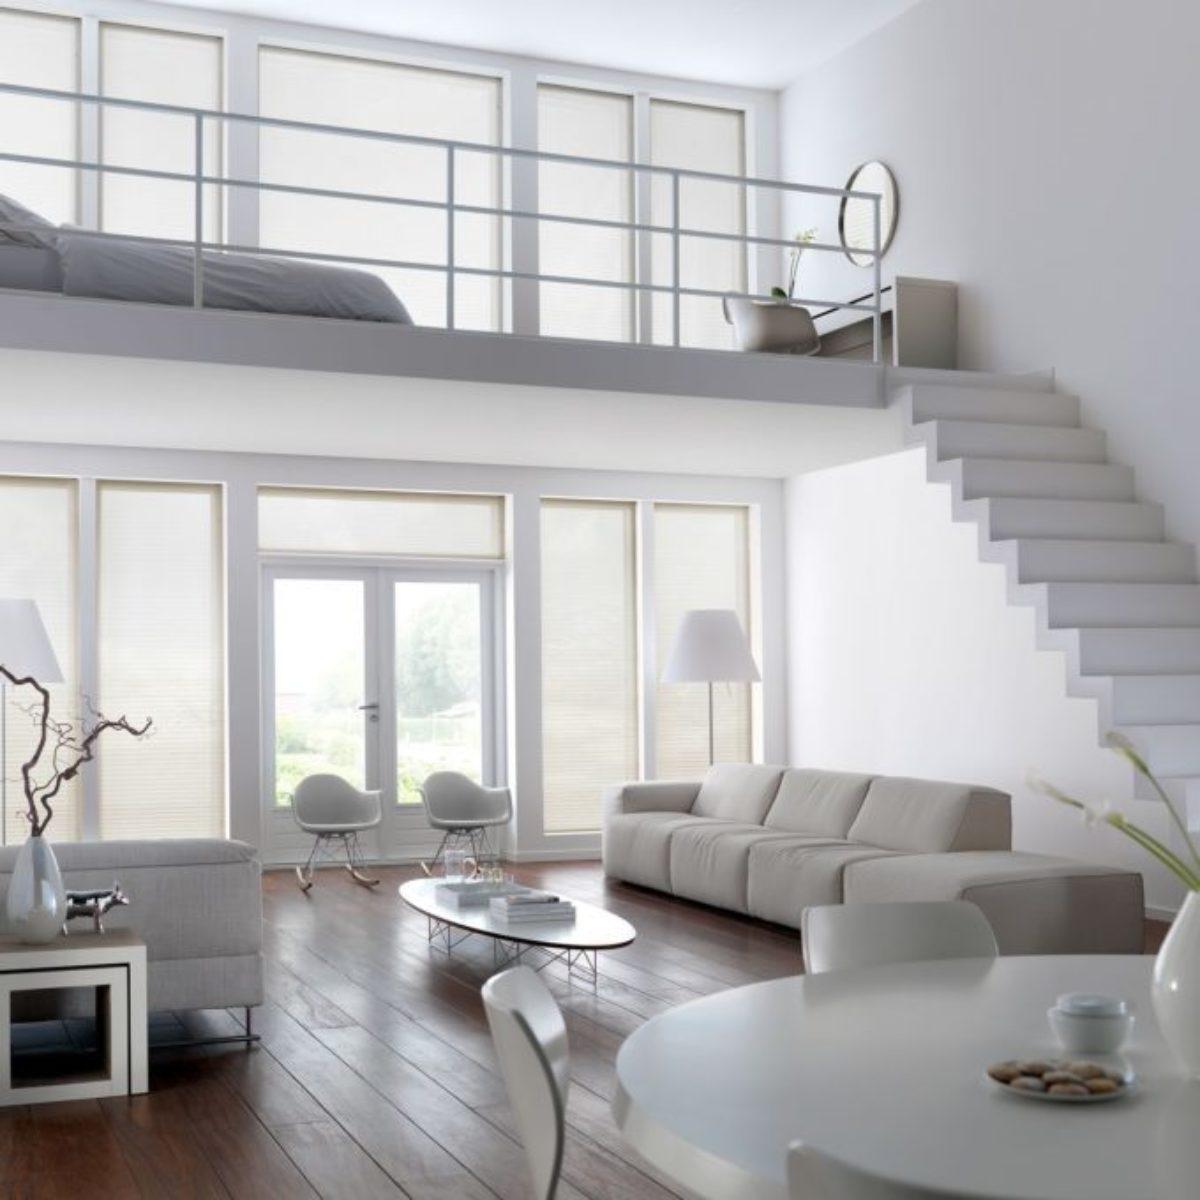 Sunway raamdecoratie raambekleding 06